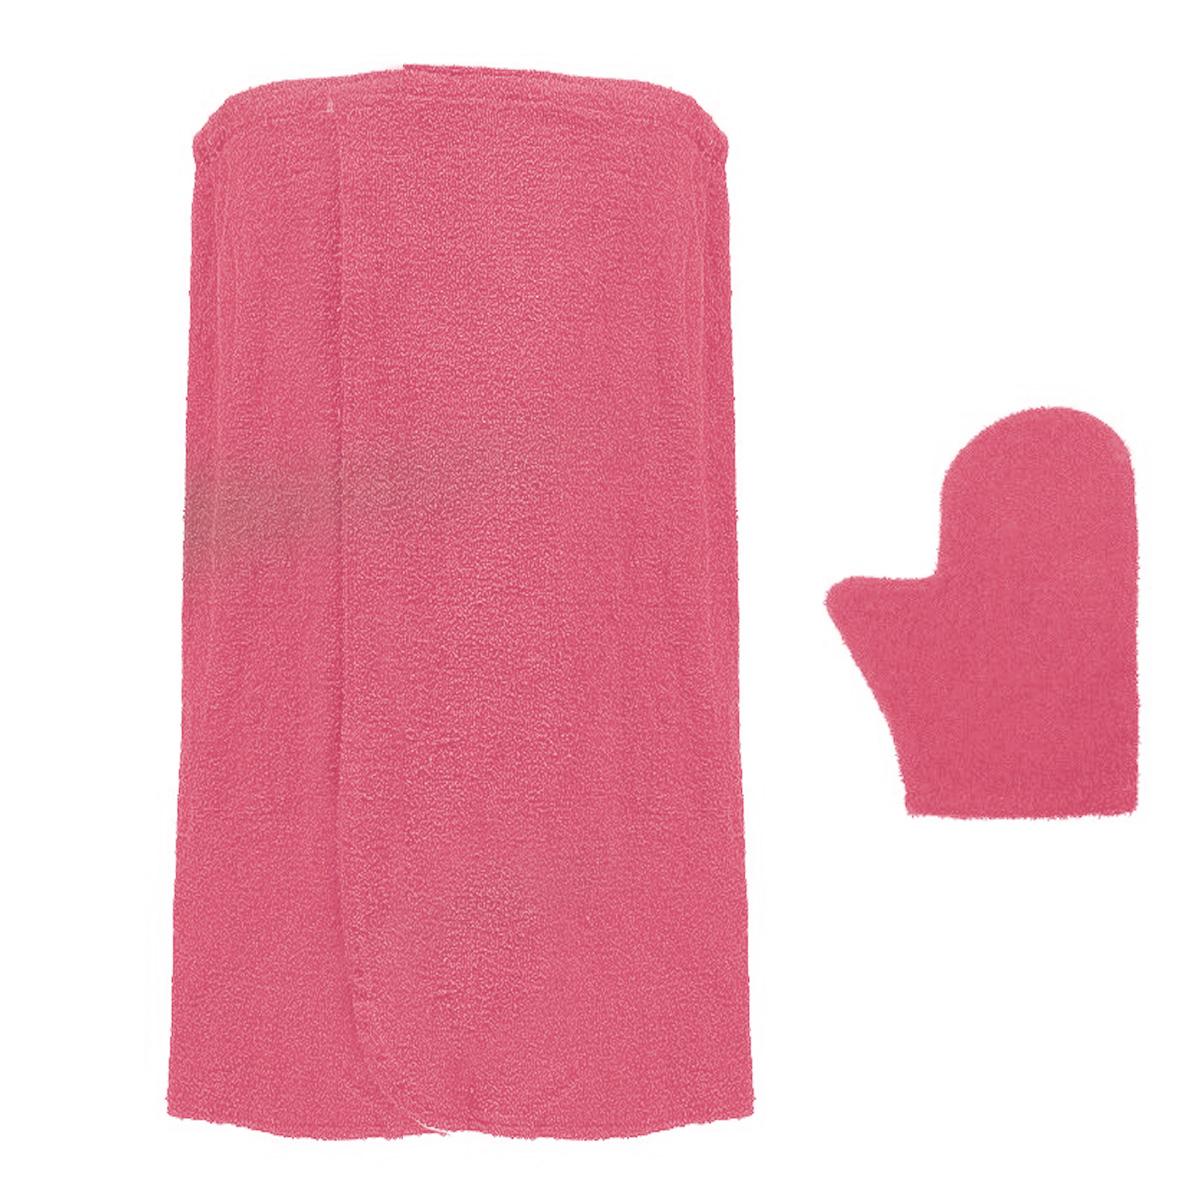 Комплект для бани и сауны  Банные штучки , женский, цвет: коралловый, 2 предмета. 32250 - Баня, сауна